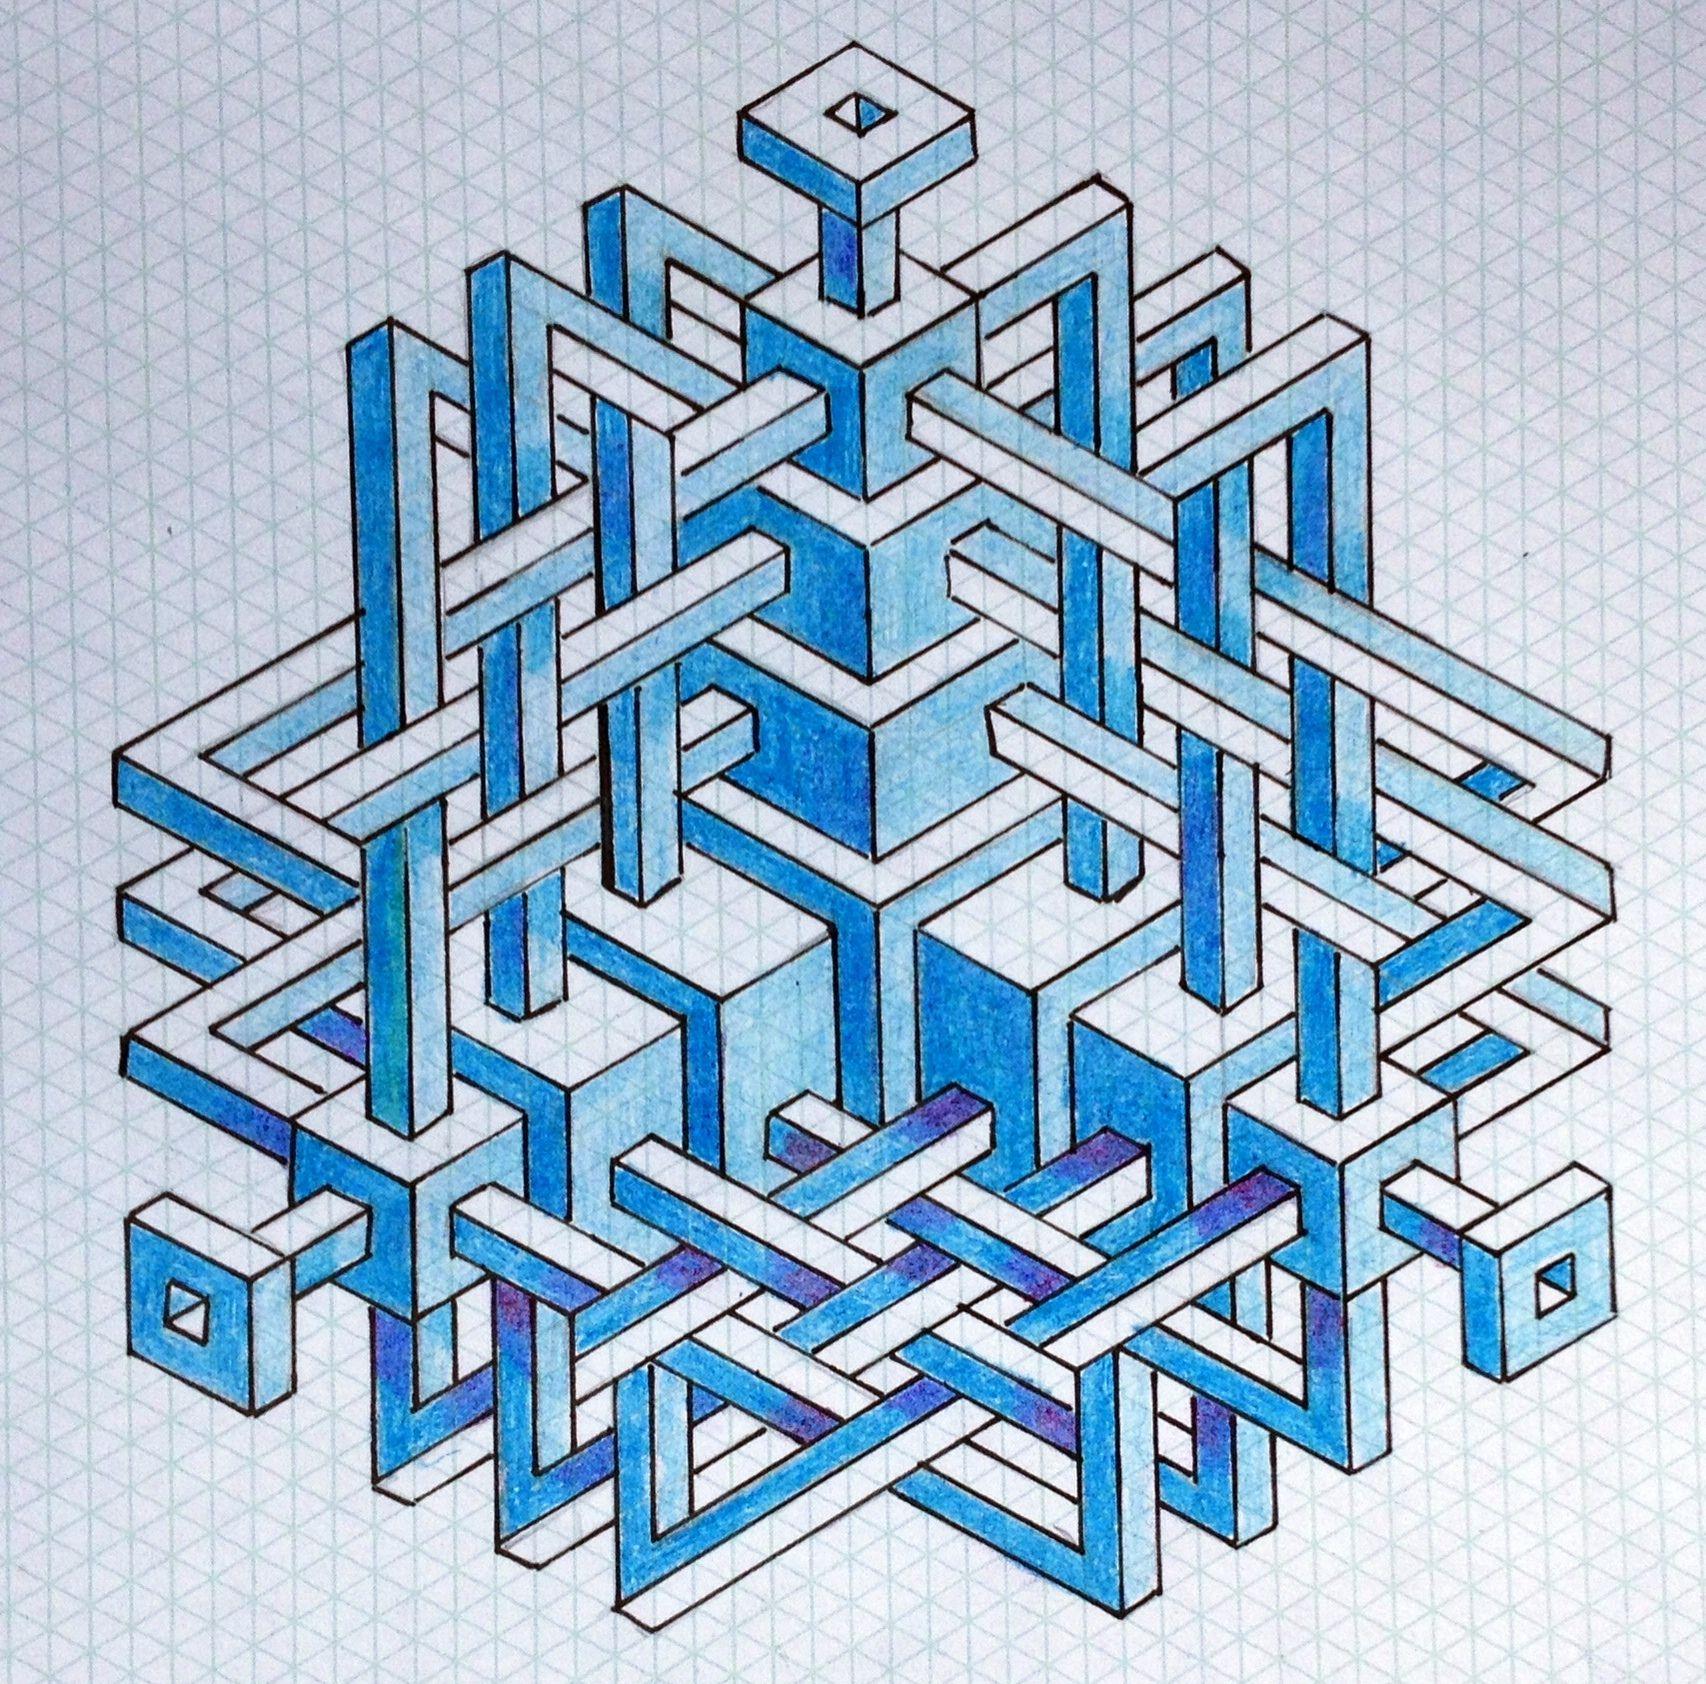 Regolo54 Impossible Isometric Penrosetriangle Oscarreutersvard Mauritiuscorneliusescher